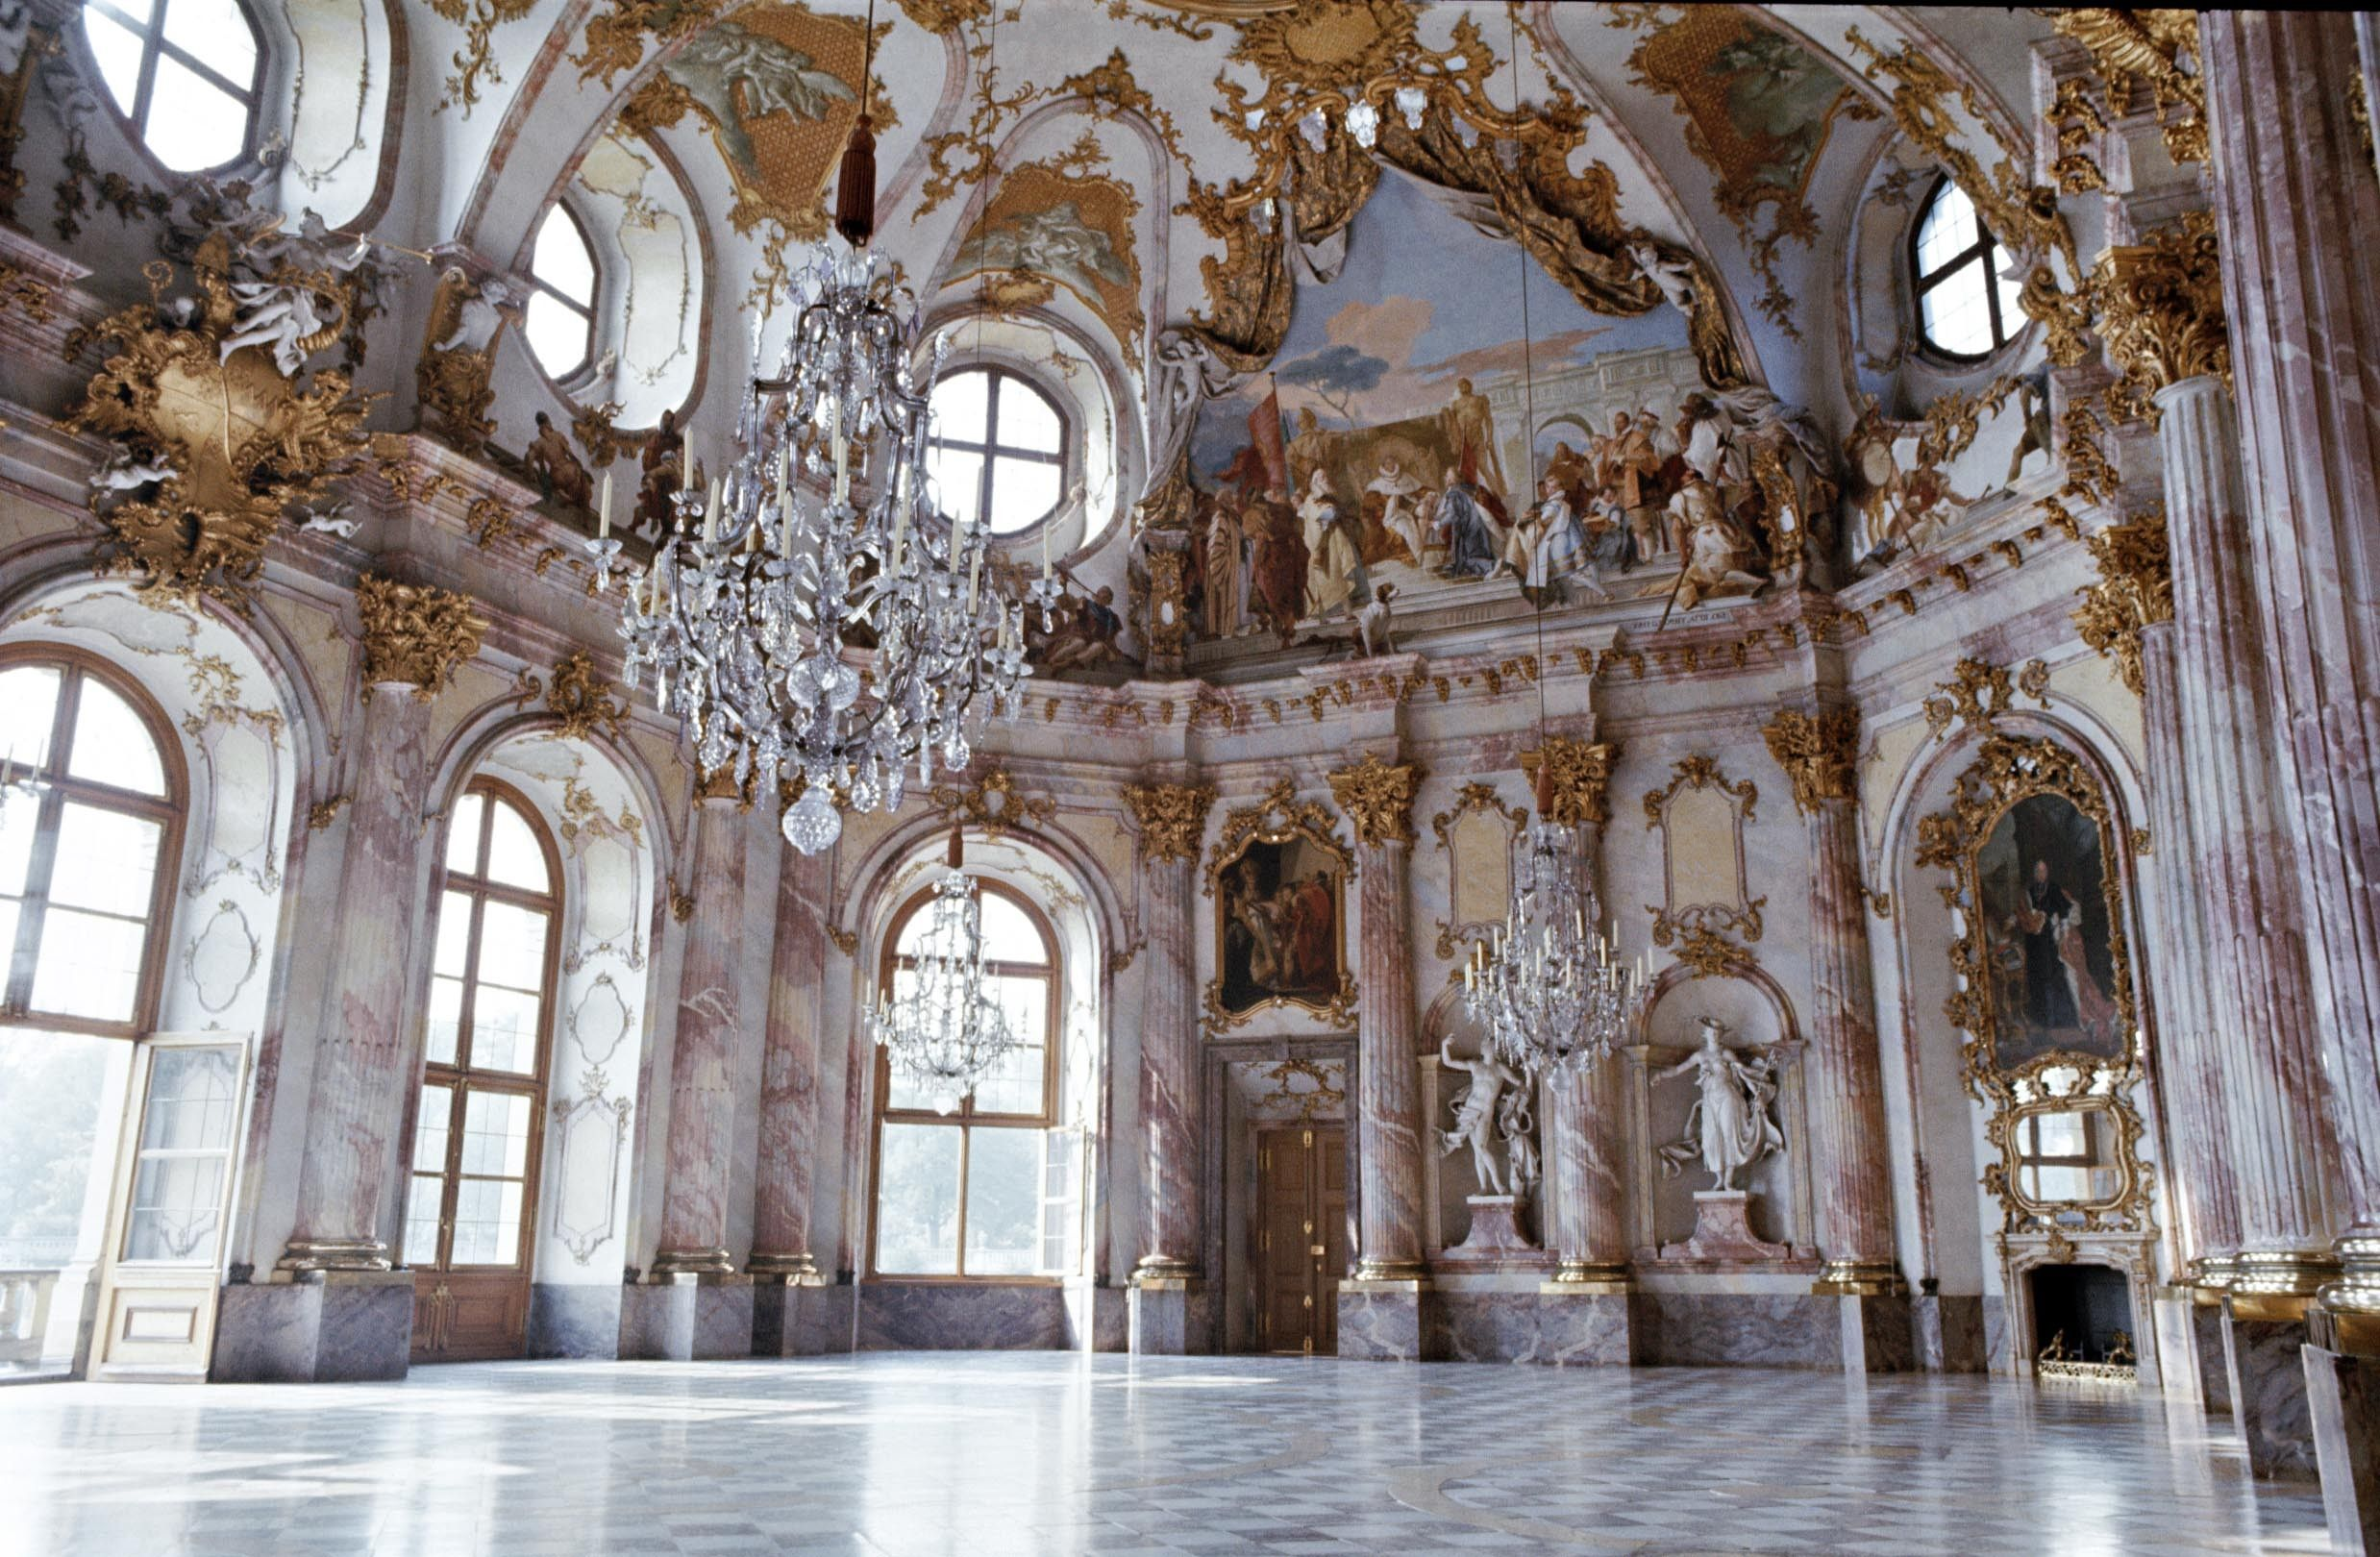 Baroque architecture artsy pinterest baroque for Architecture baroque